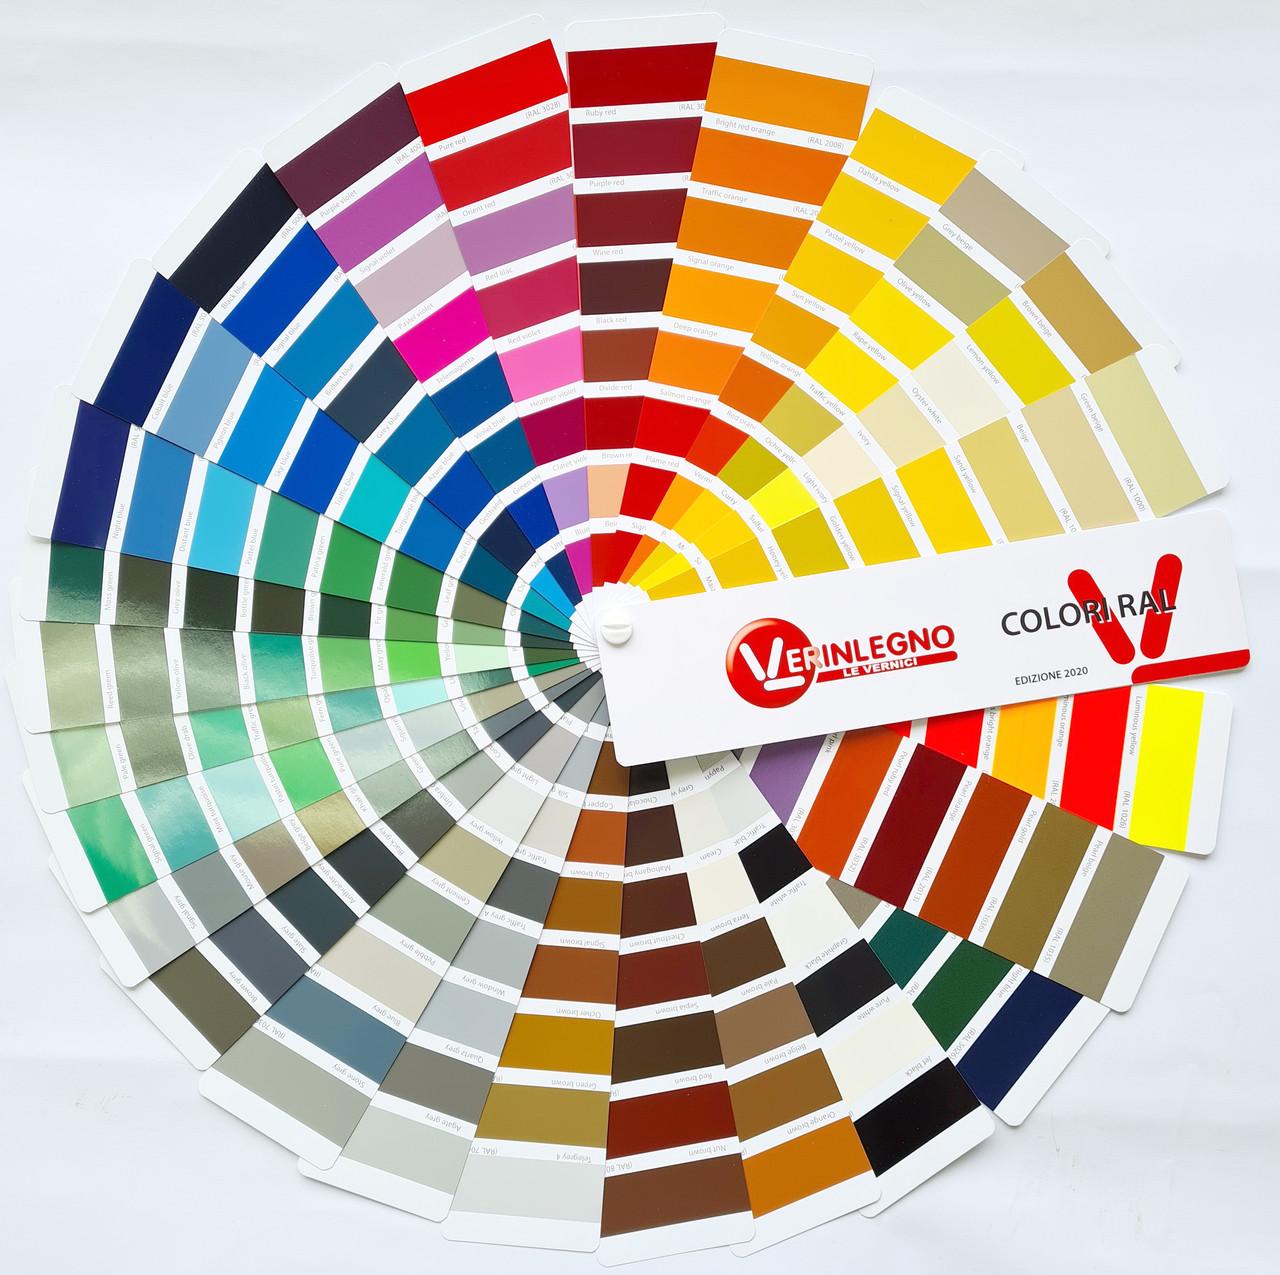 RAL-карта (каталог цветов) - цветовая гамма, палитра, стандарт для производителей лакокрасочной продукции